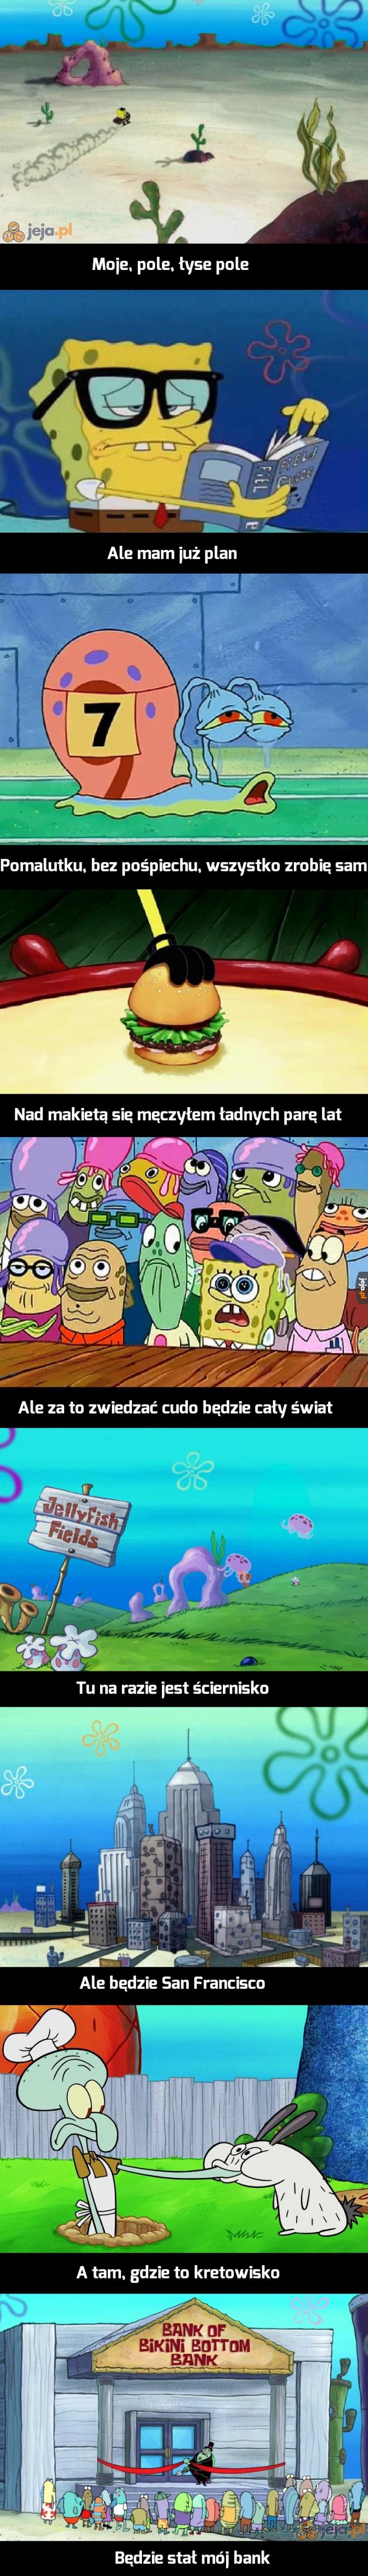 Spongebob uOrkiestra